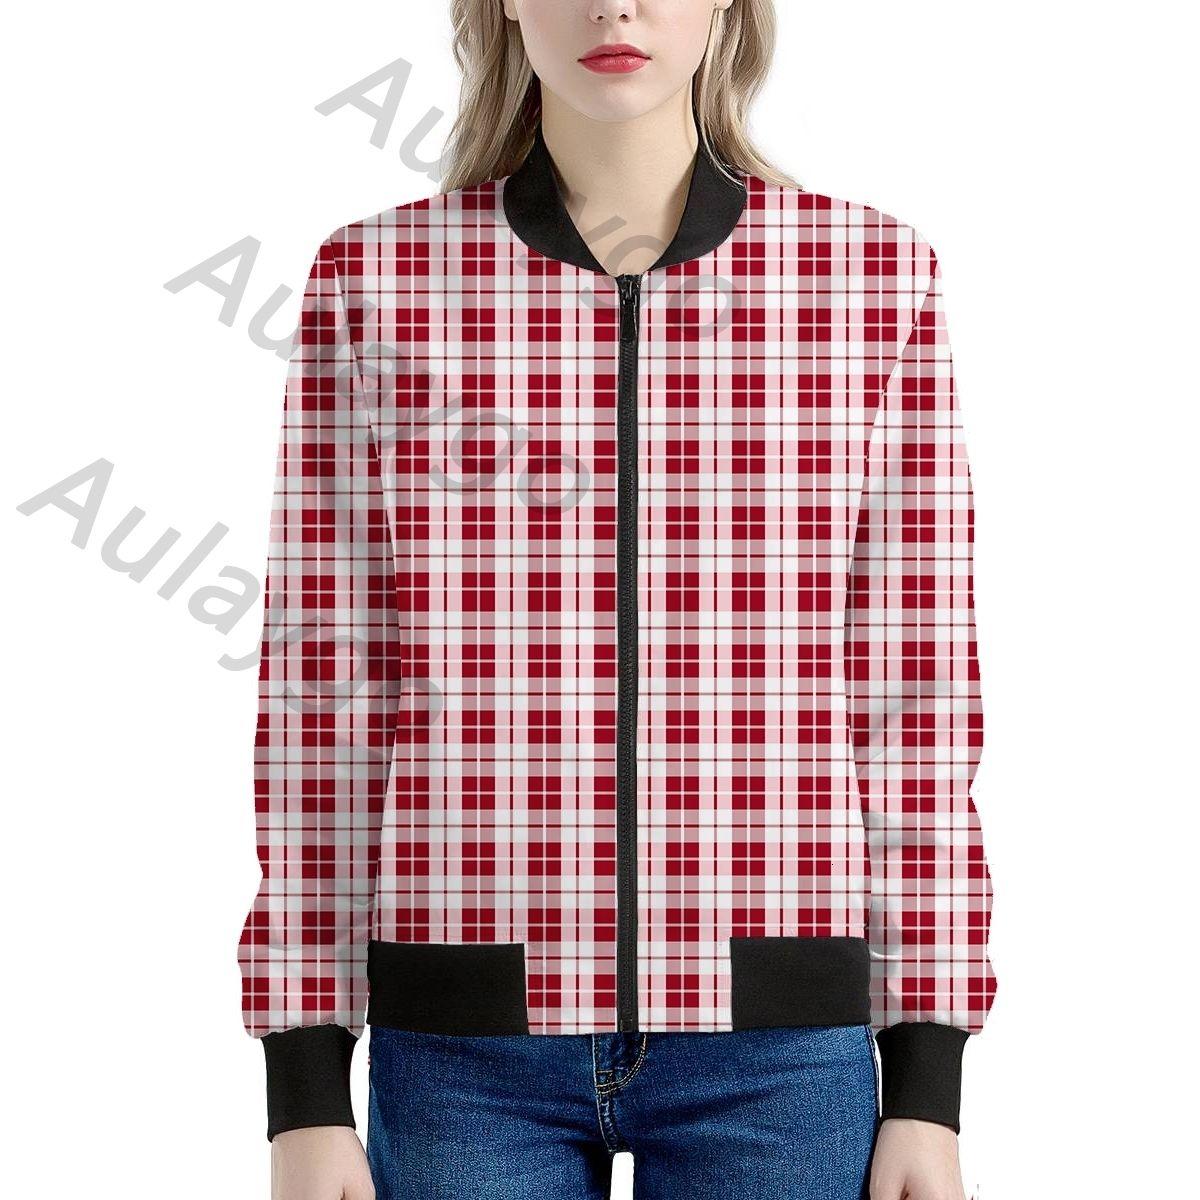 Giacca a quadri di Aulaygo Donne Rosso Bianco Verificare il colore del cappotto Crop maniche lunghe femminile Zipper signora Short Outwear Windbreaker personalizzato